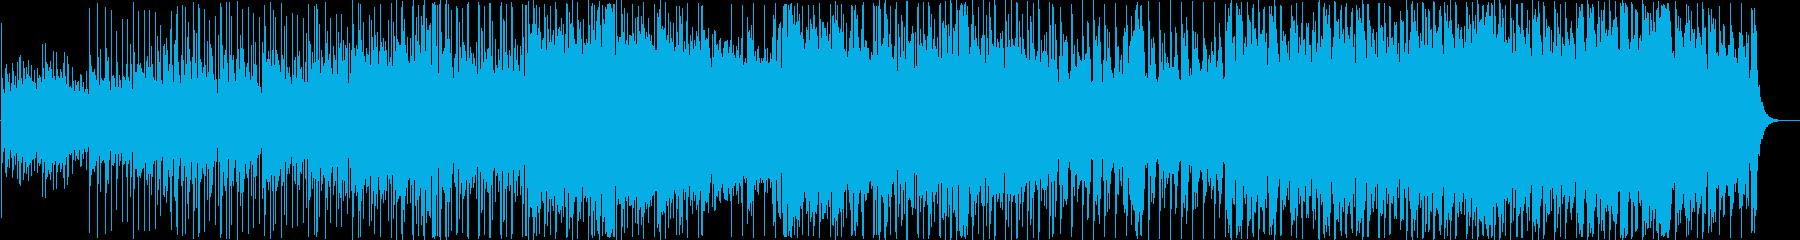 動画 技術的な 説明的 繰り返しの...の再生済みの波形